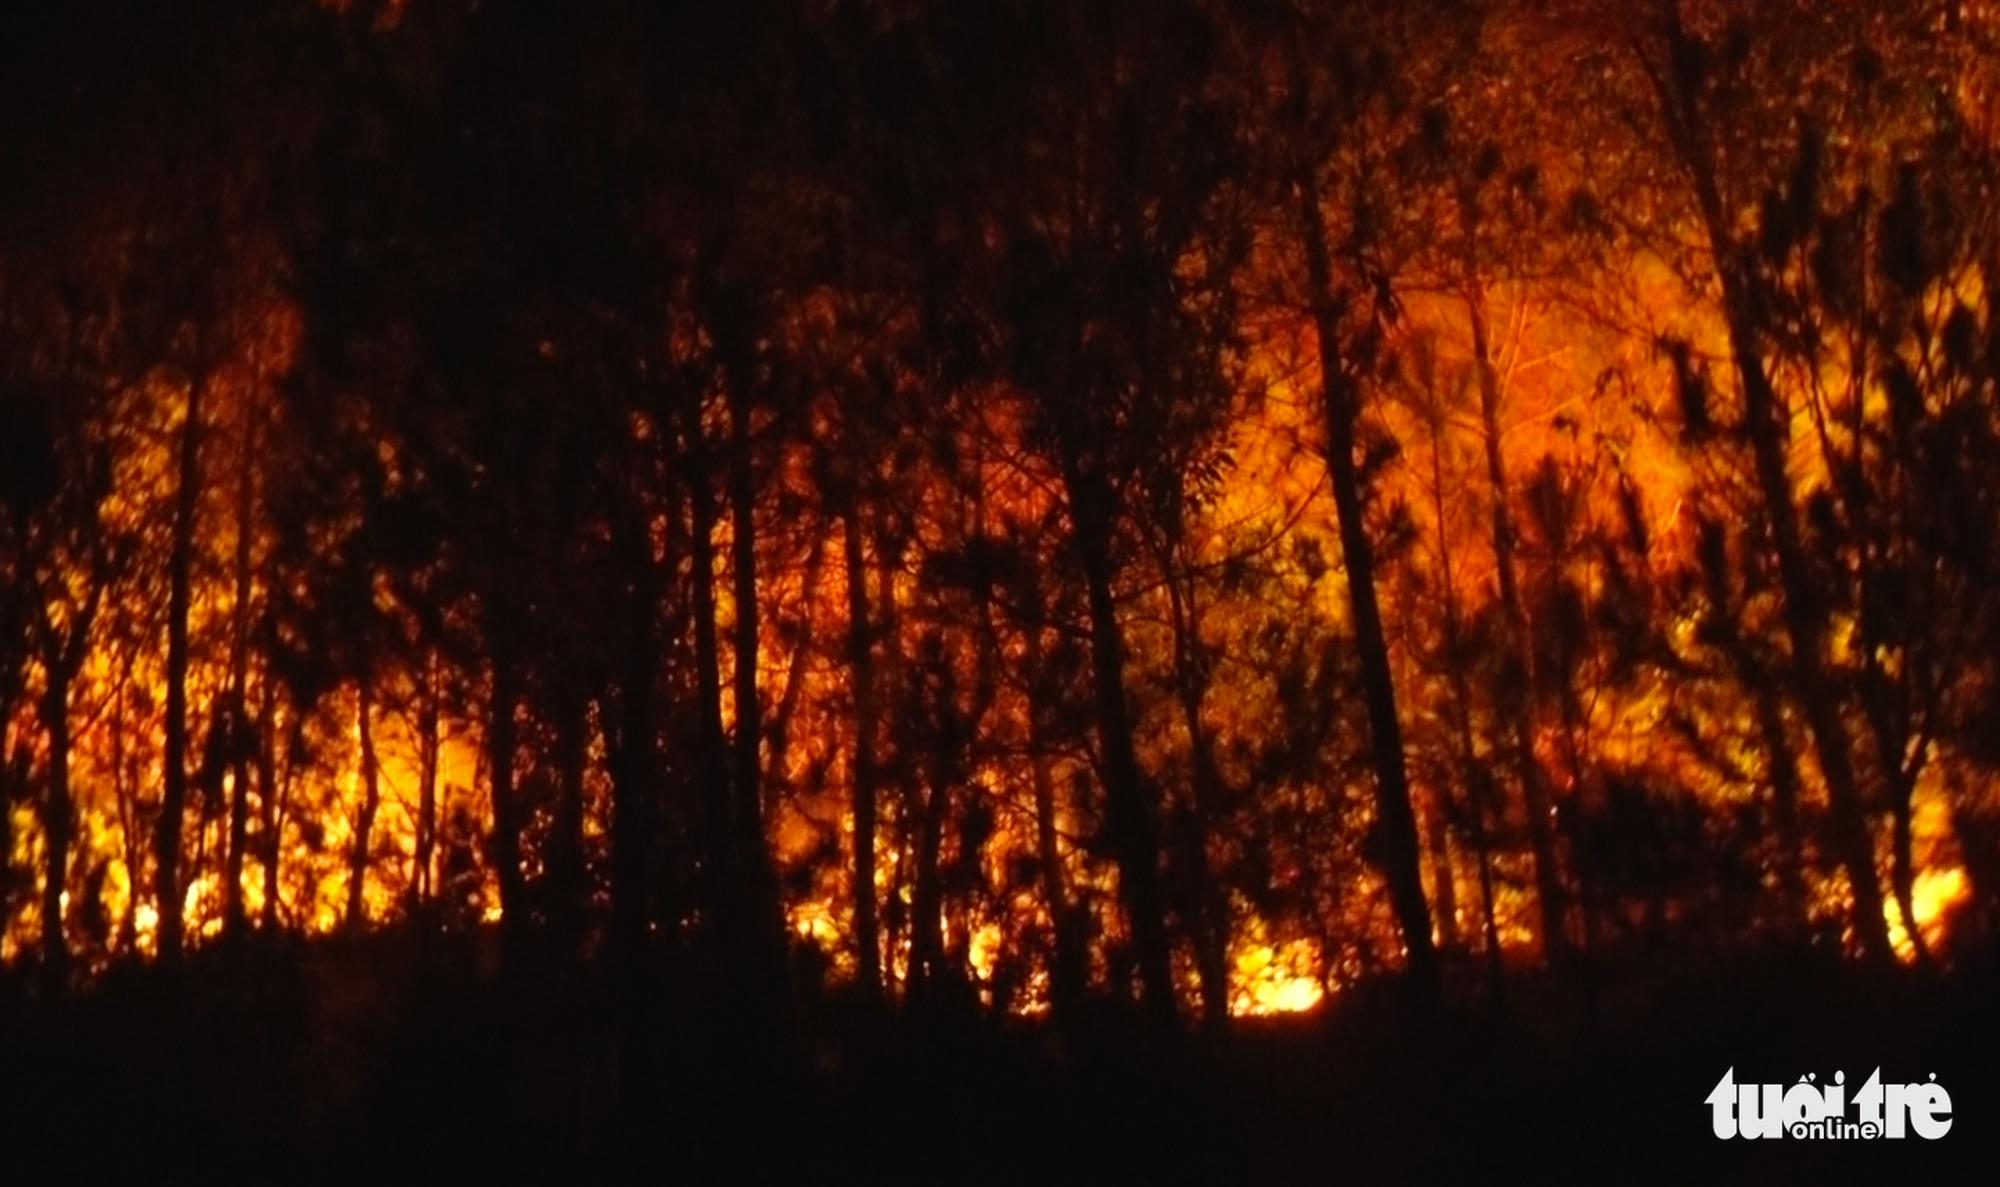 Cận cảnh xuyên đêm chiến đấu 'giặc lửa' cứu rừng - Ảnh 2.